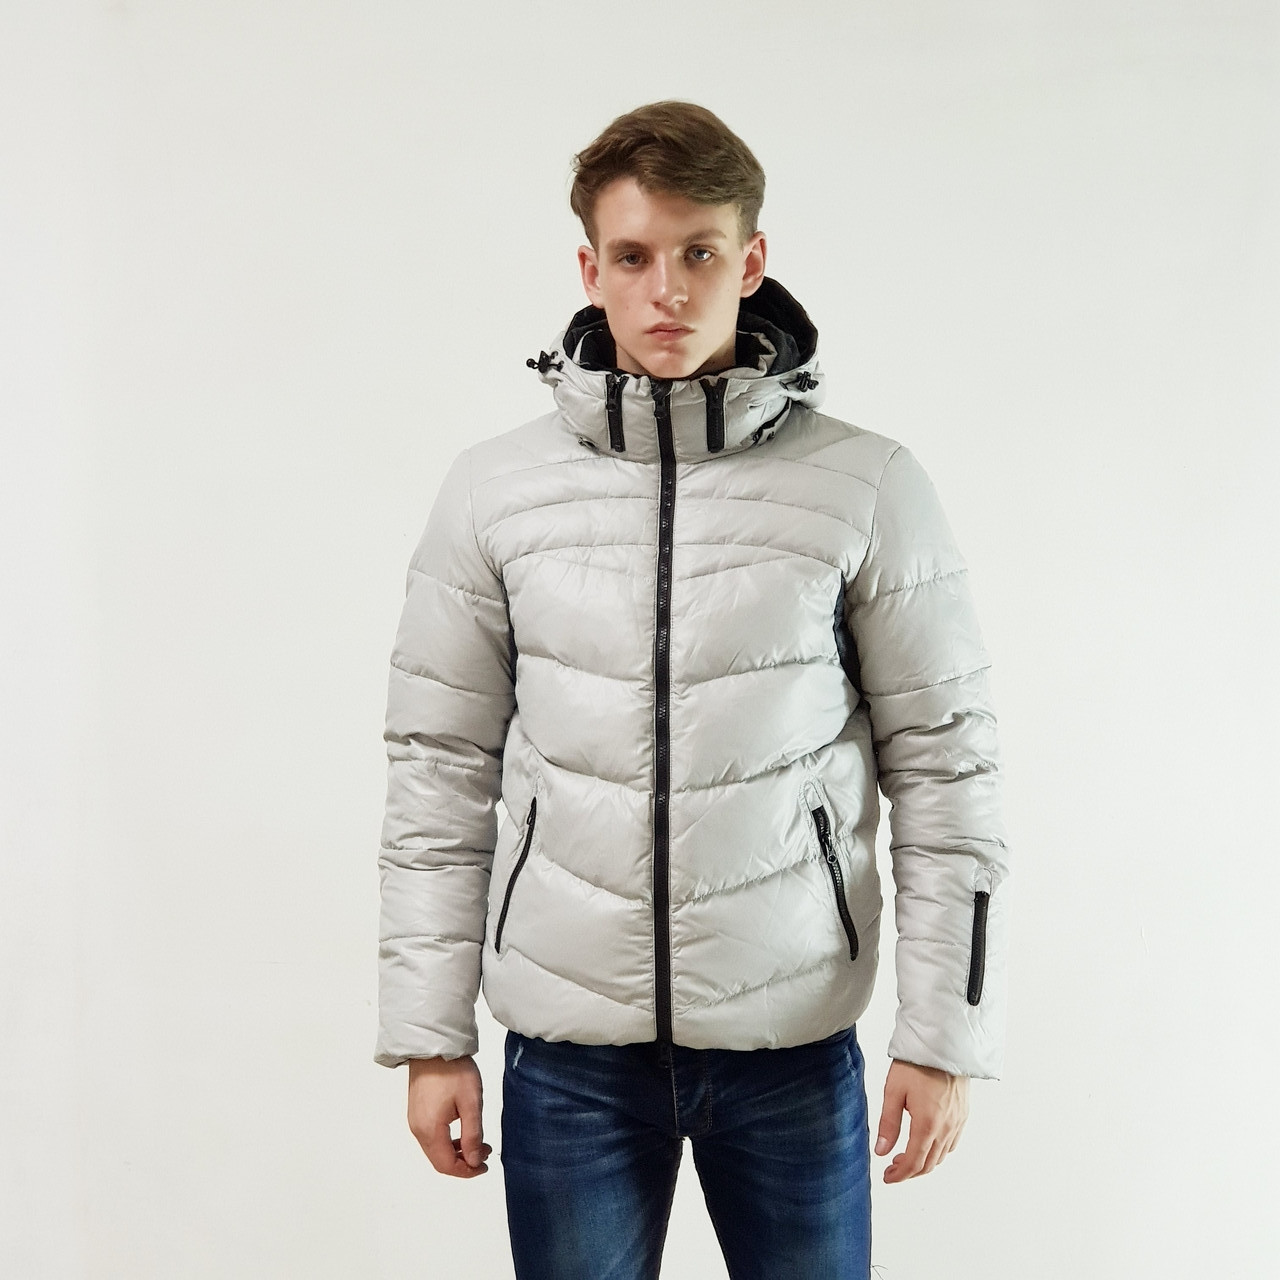 Легкий пуховик мужской Snowimage  светло-серый зимний на пуху с капюшоном, скидки